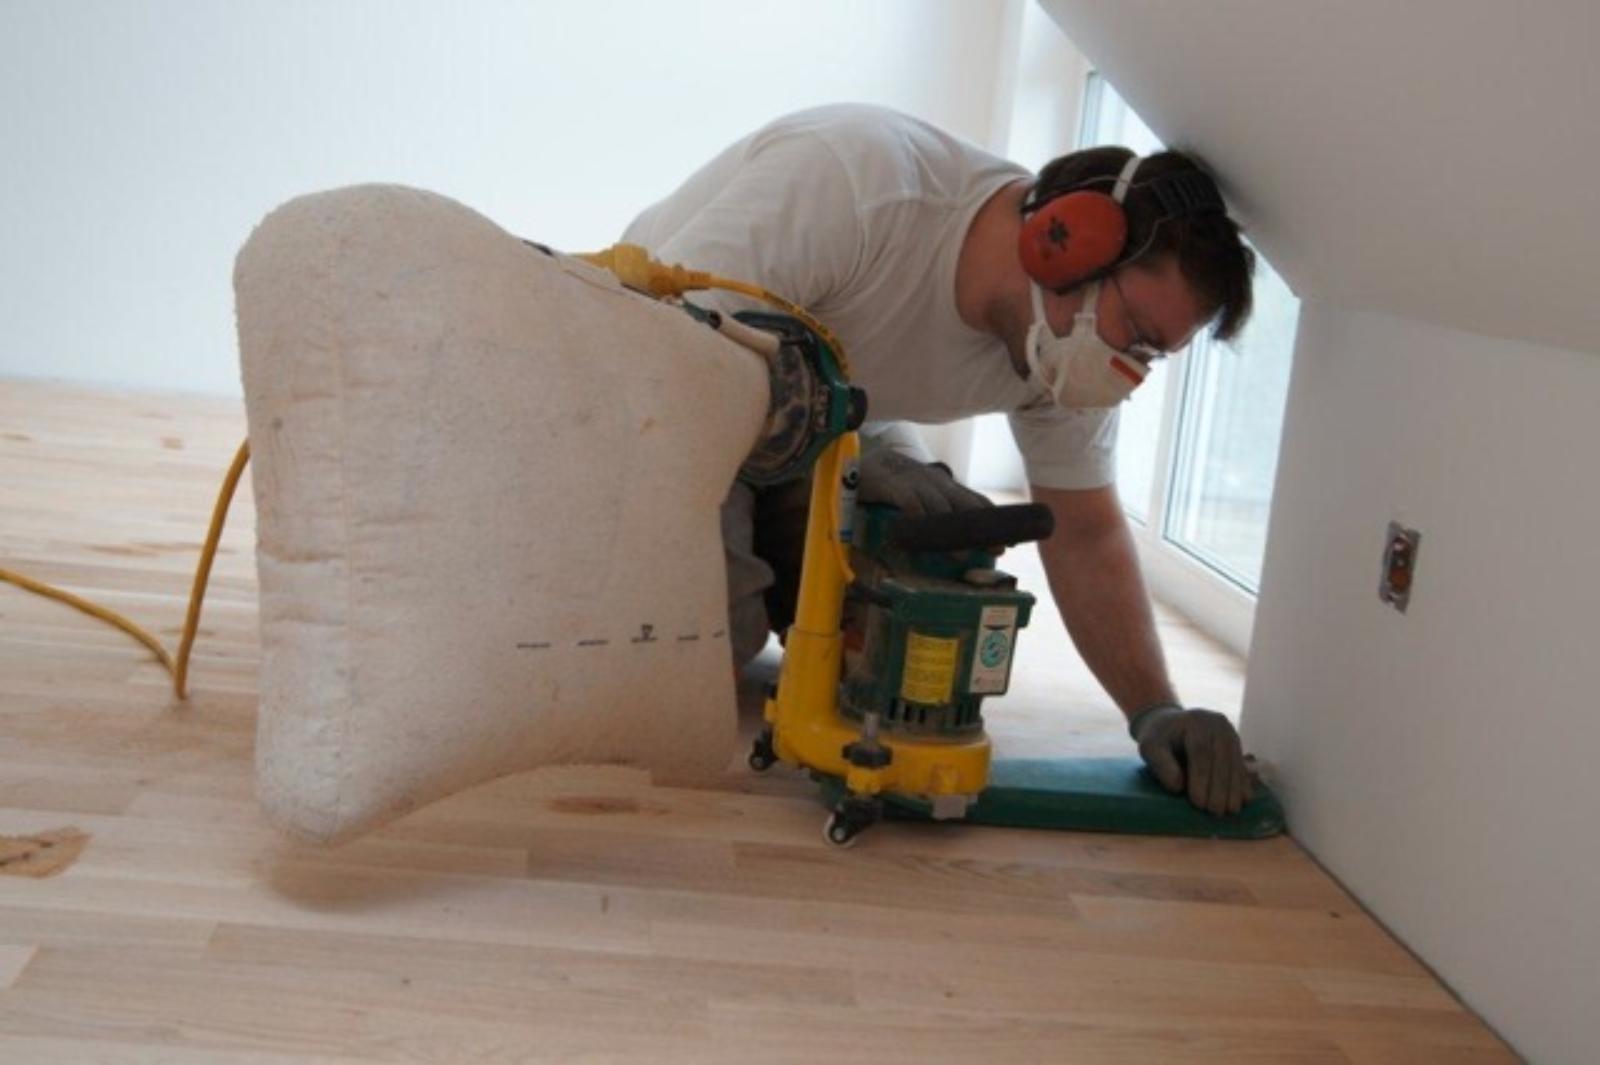 k ln randschleifen r nder schleifen arbeitsschutz ist a und o beser parkett aus bad. Black Bedroom Furniture Sets. Home Design Ideas